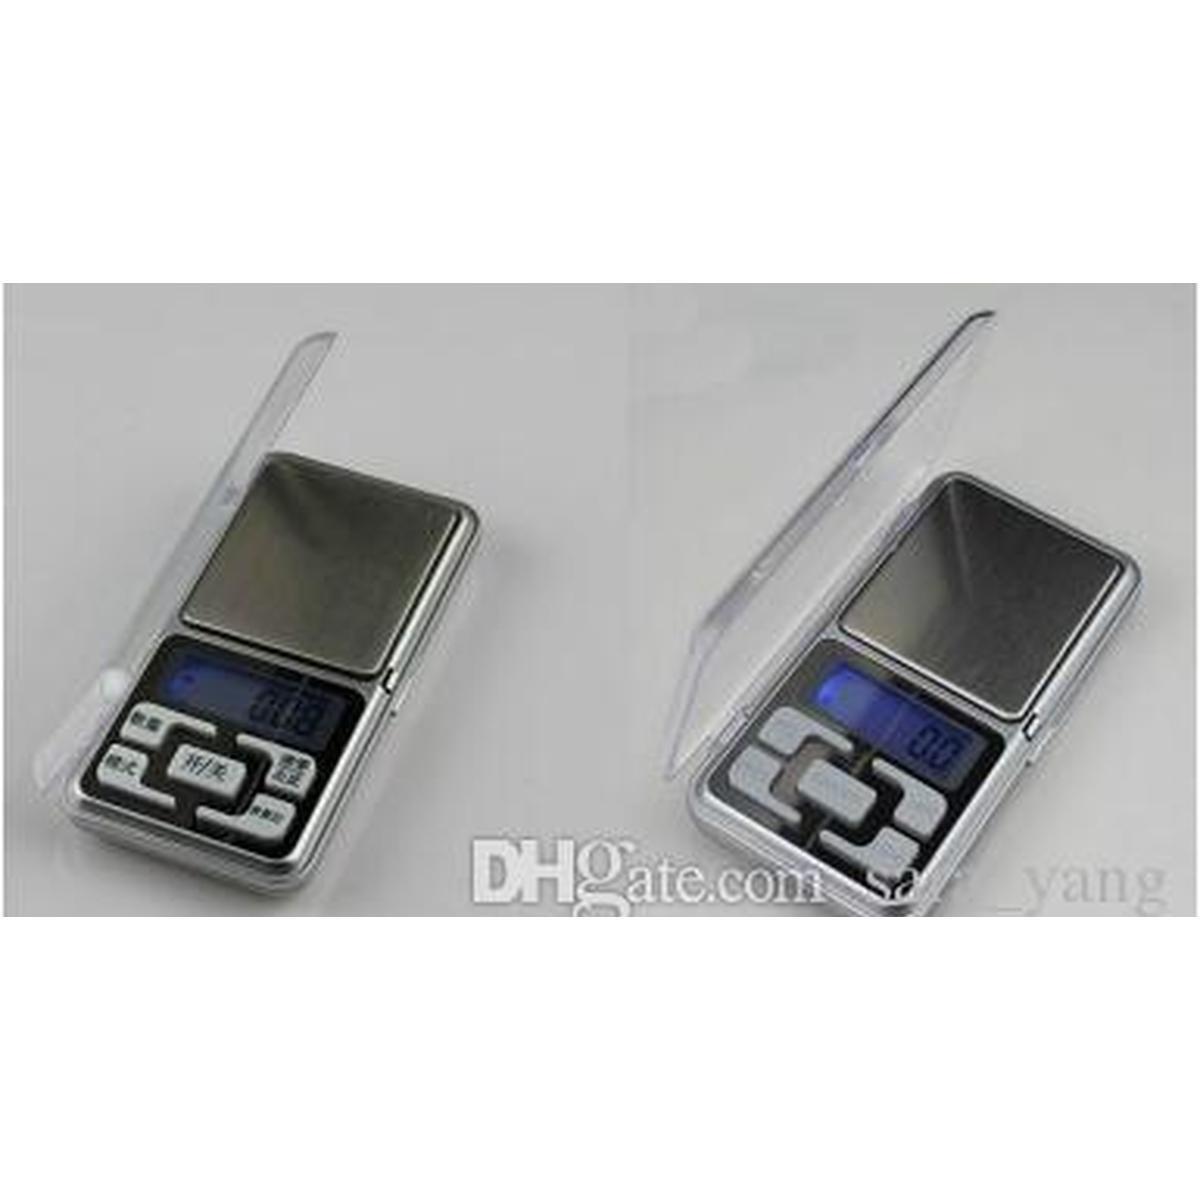 200 ADET Elektronik LCD Ekran Ölçeği Mini Cep Dijital Ölçekli 200g * 0.01g Tartım Ölçeği Ağırlık Ölçü WMTQPD HOMES2011